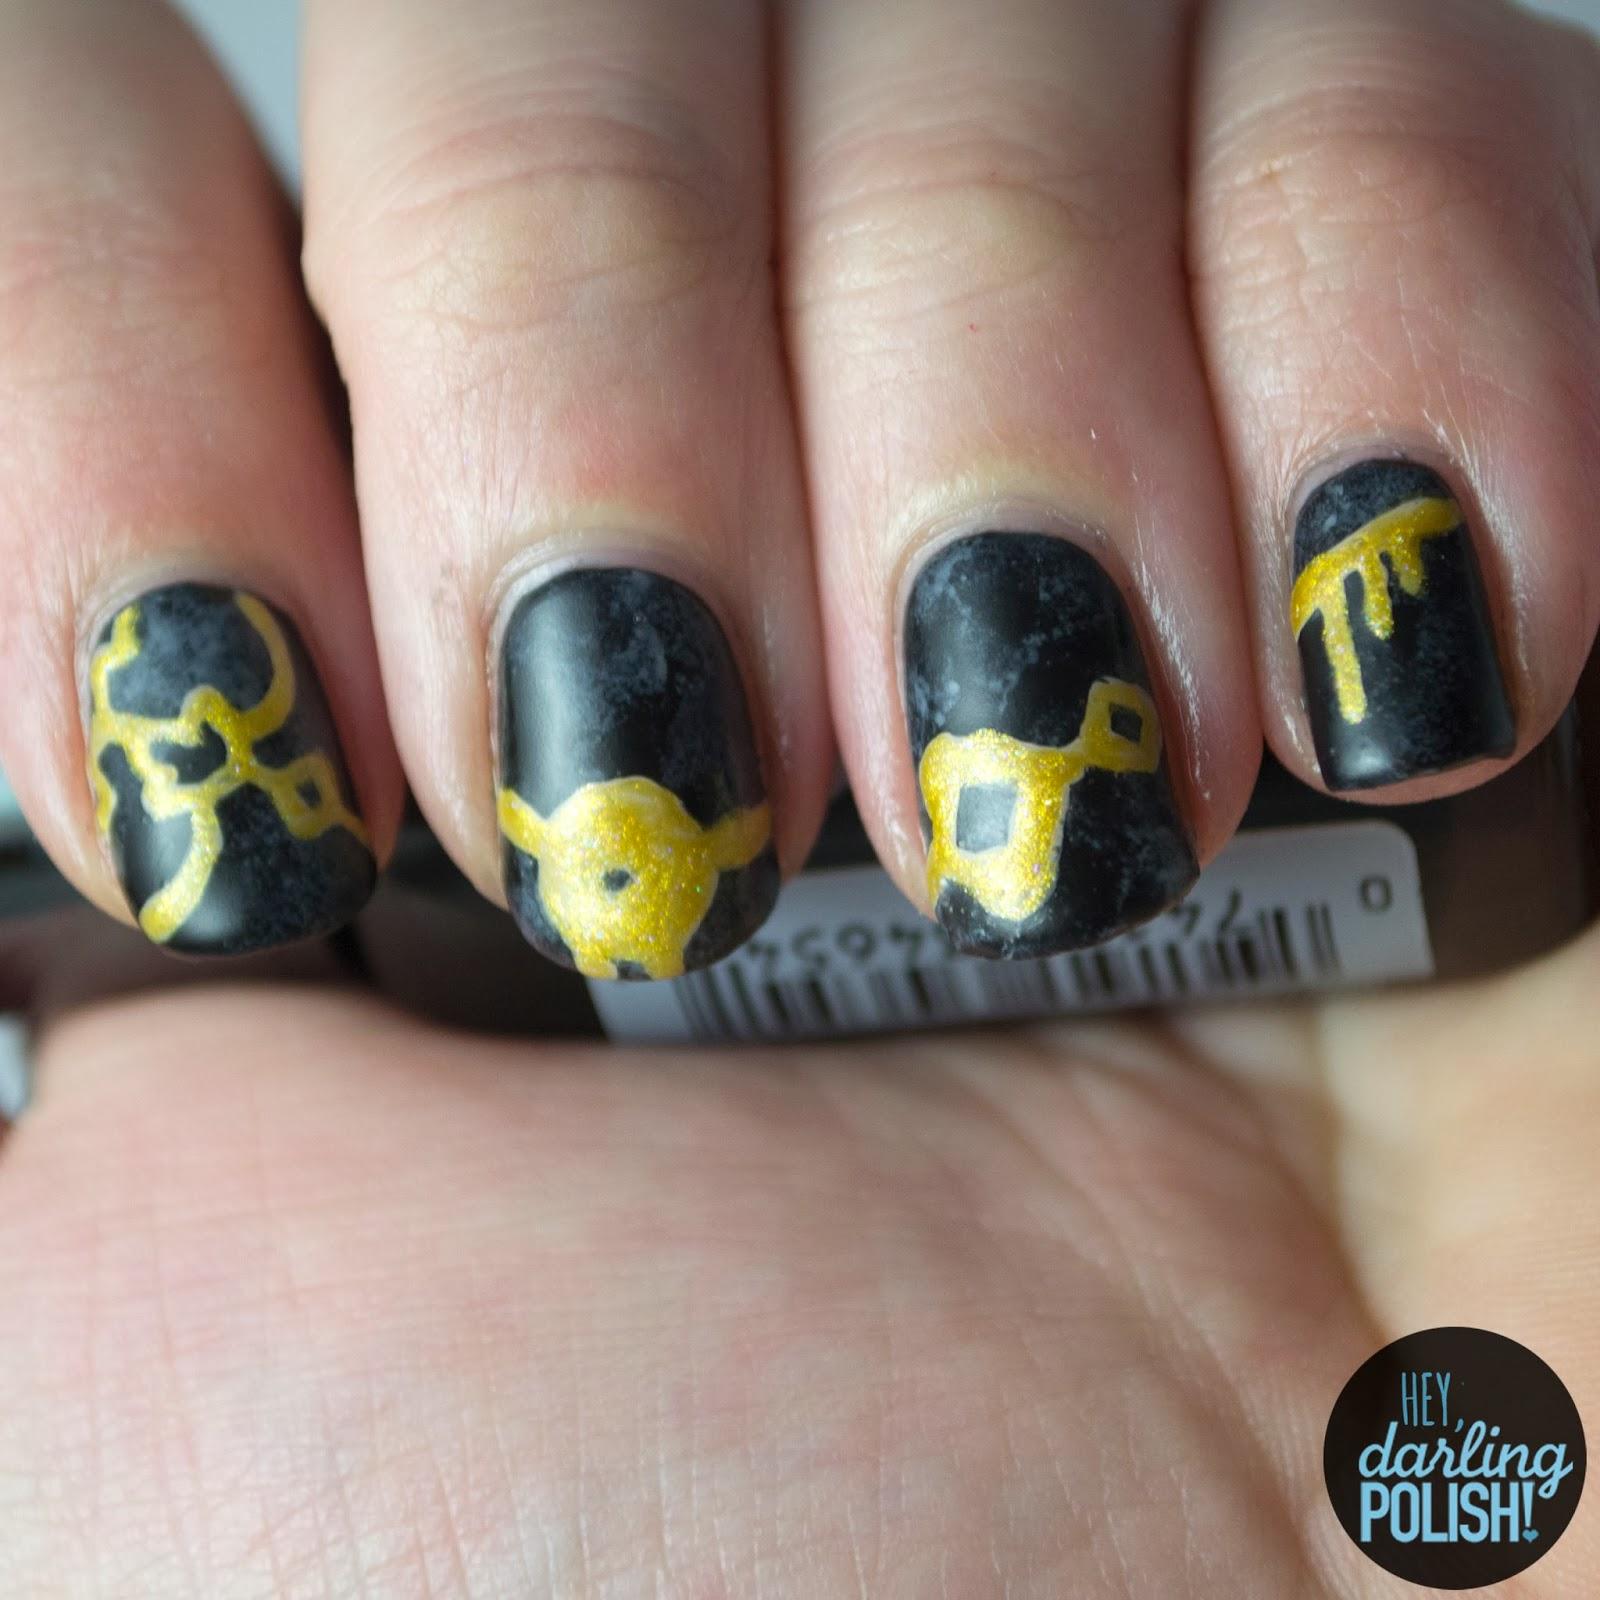 nails, nail art, nail polish, polish, black, gold, music monday, white picket fence, clocks and calendars, hey darling polish